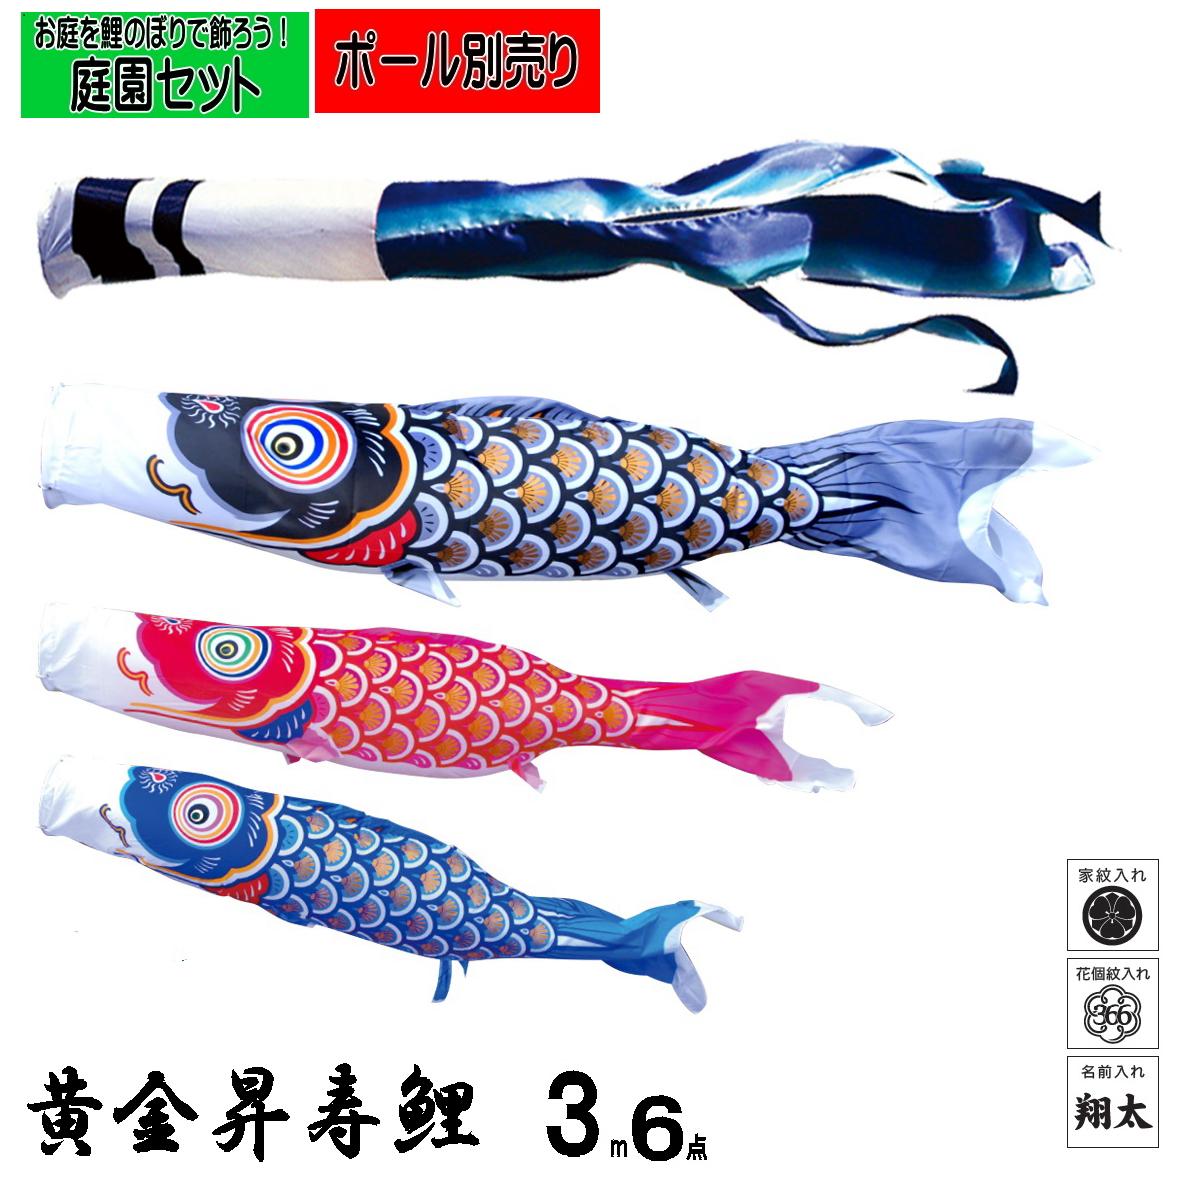 庭園用 こいのぼり黄金昇寿鯉 3m6点セット鯉のぼり 鯉幟